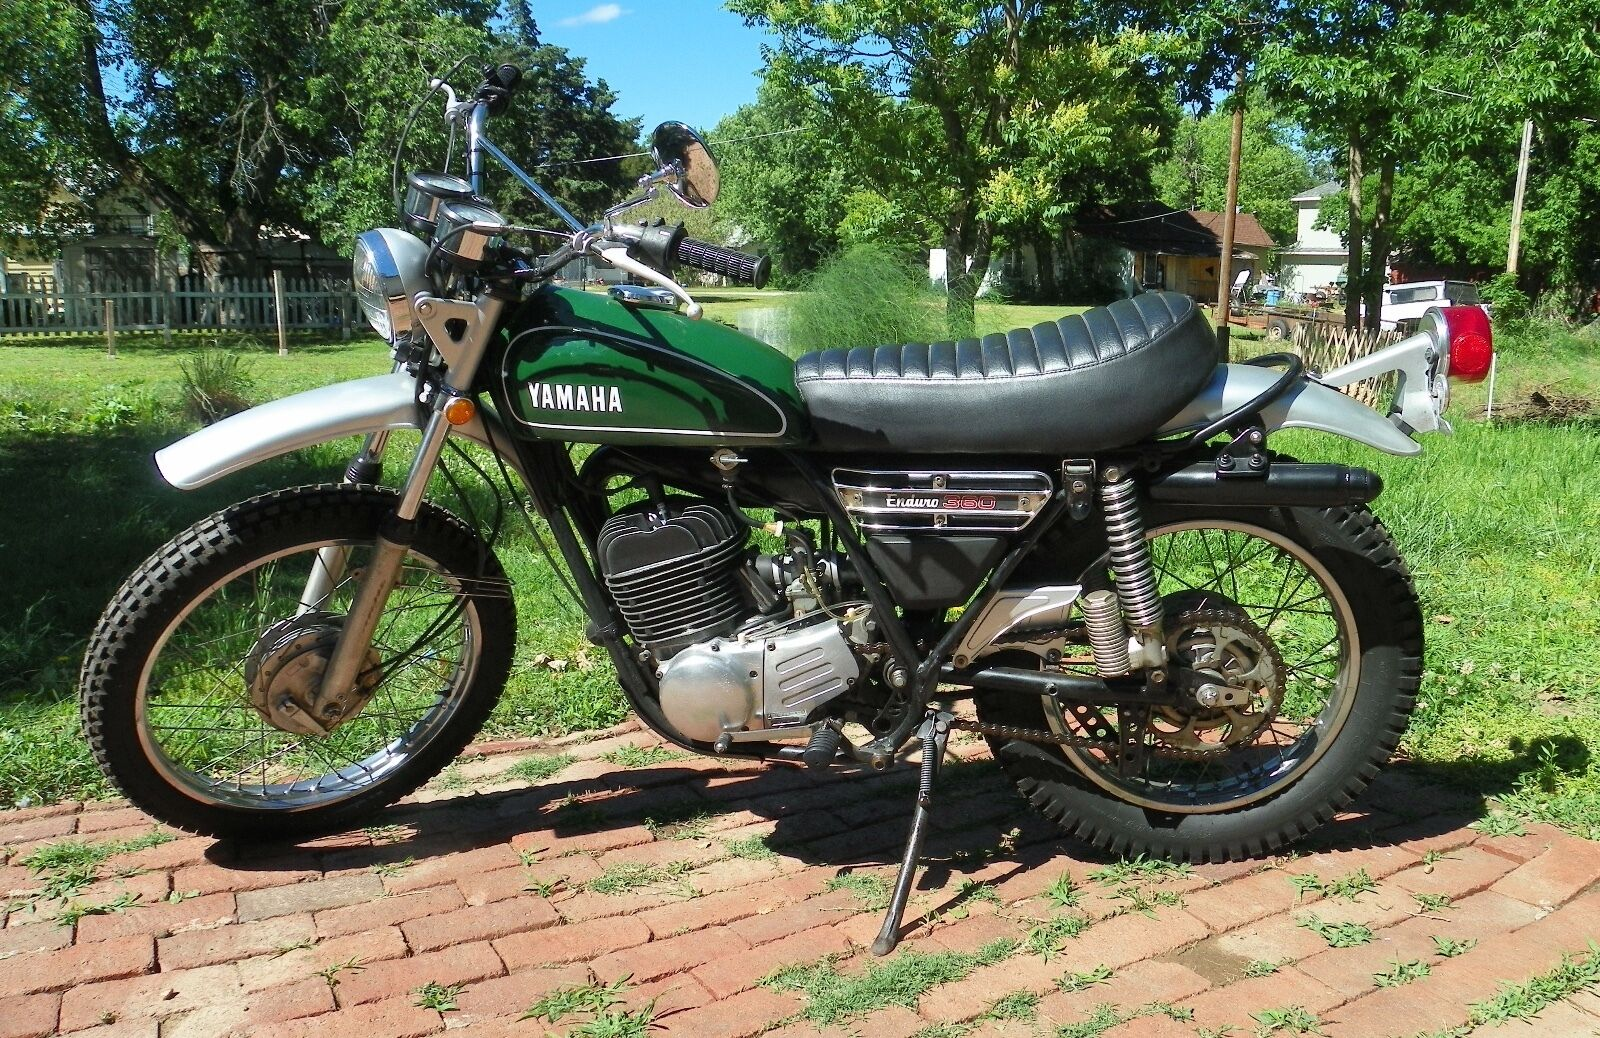 1974 yamaha enduro dt360 motorcycle 3 116 miles runs for Yamaha 360 enduro